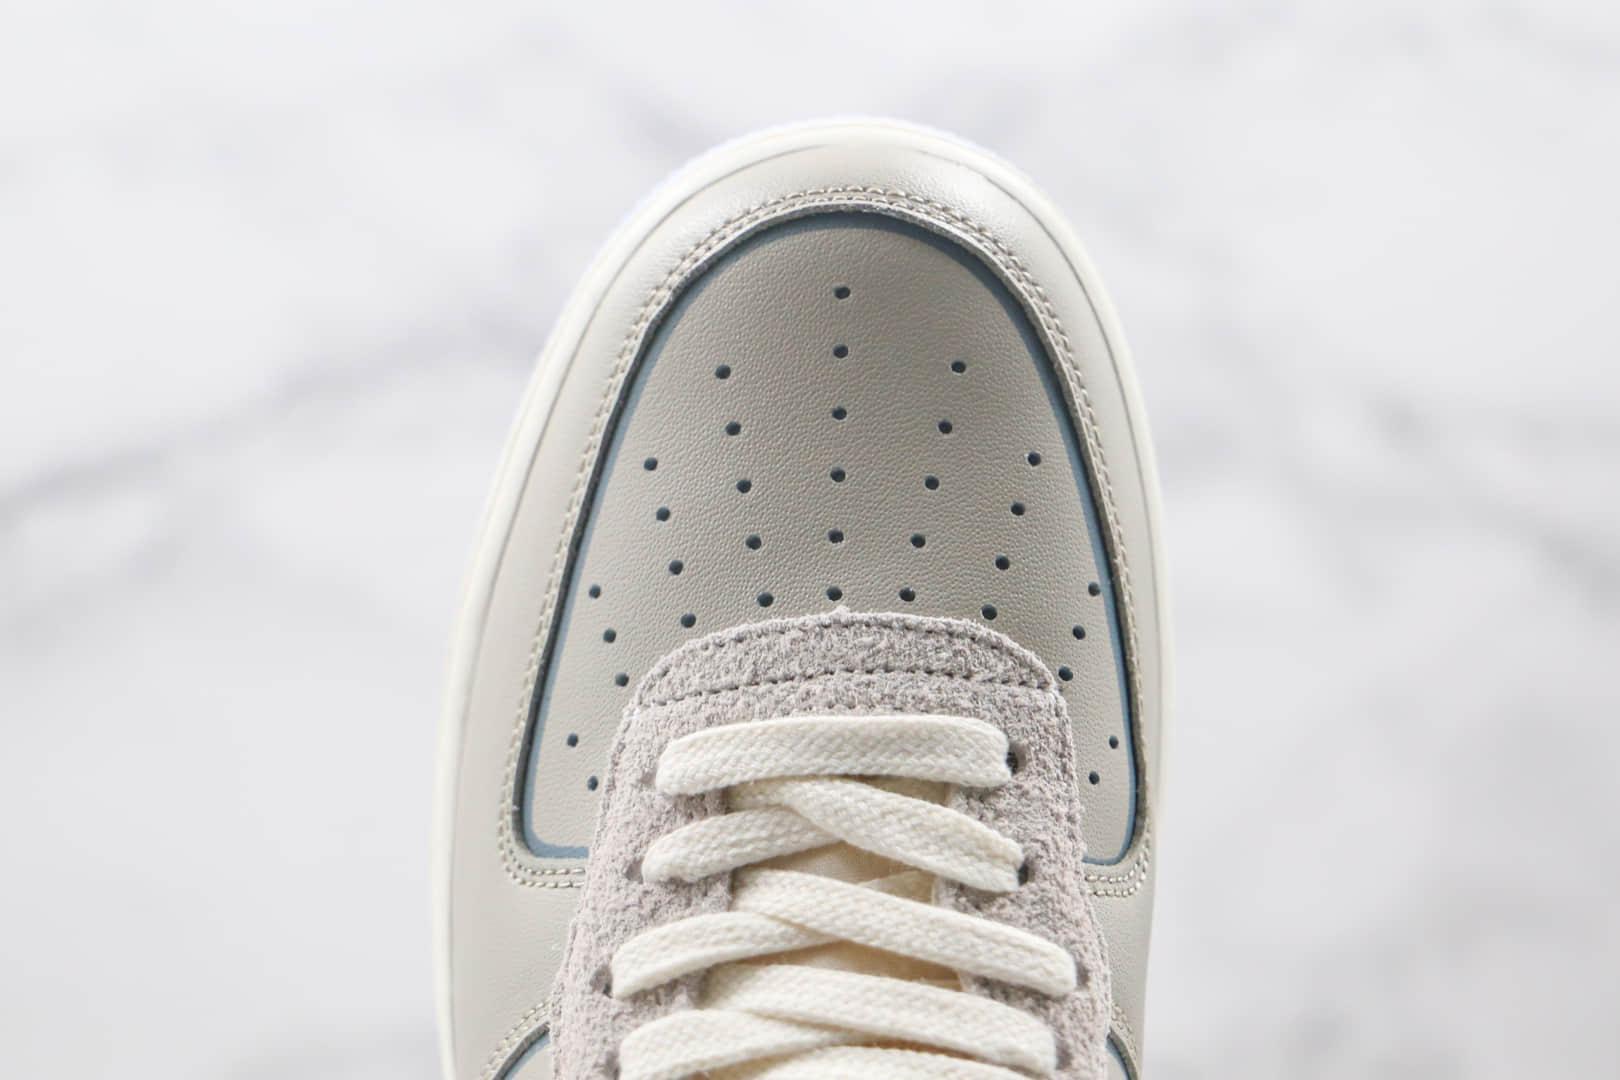 耐克Nike Air Force1 LOW'07纯原版本低帮空军一号上海沪限定配色板鞋原档案数据开发原盒原标 货号:CT3824-001